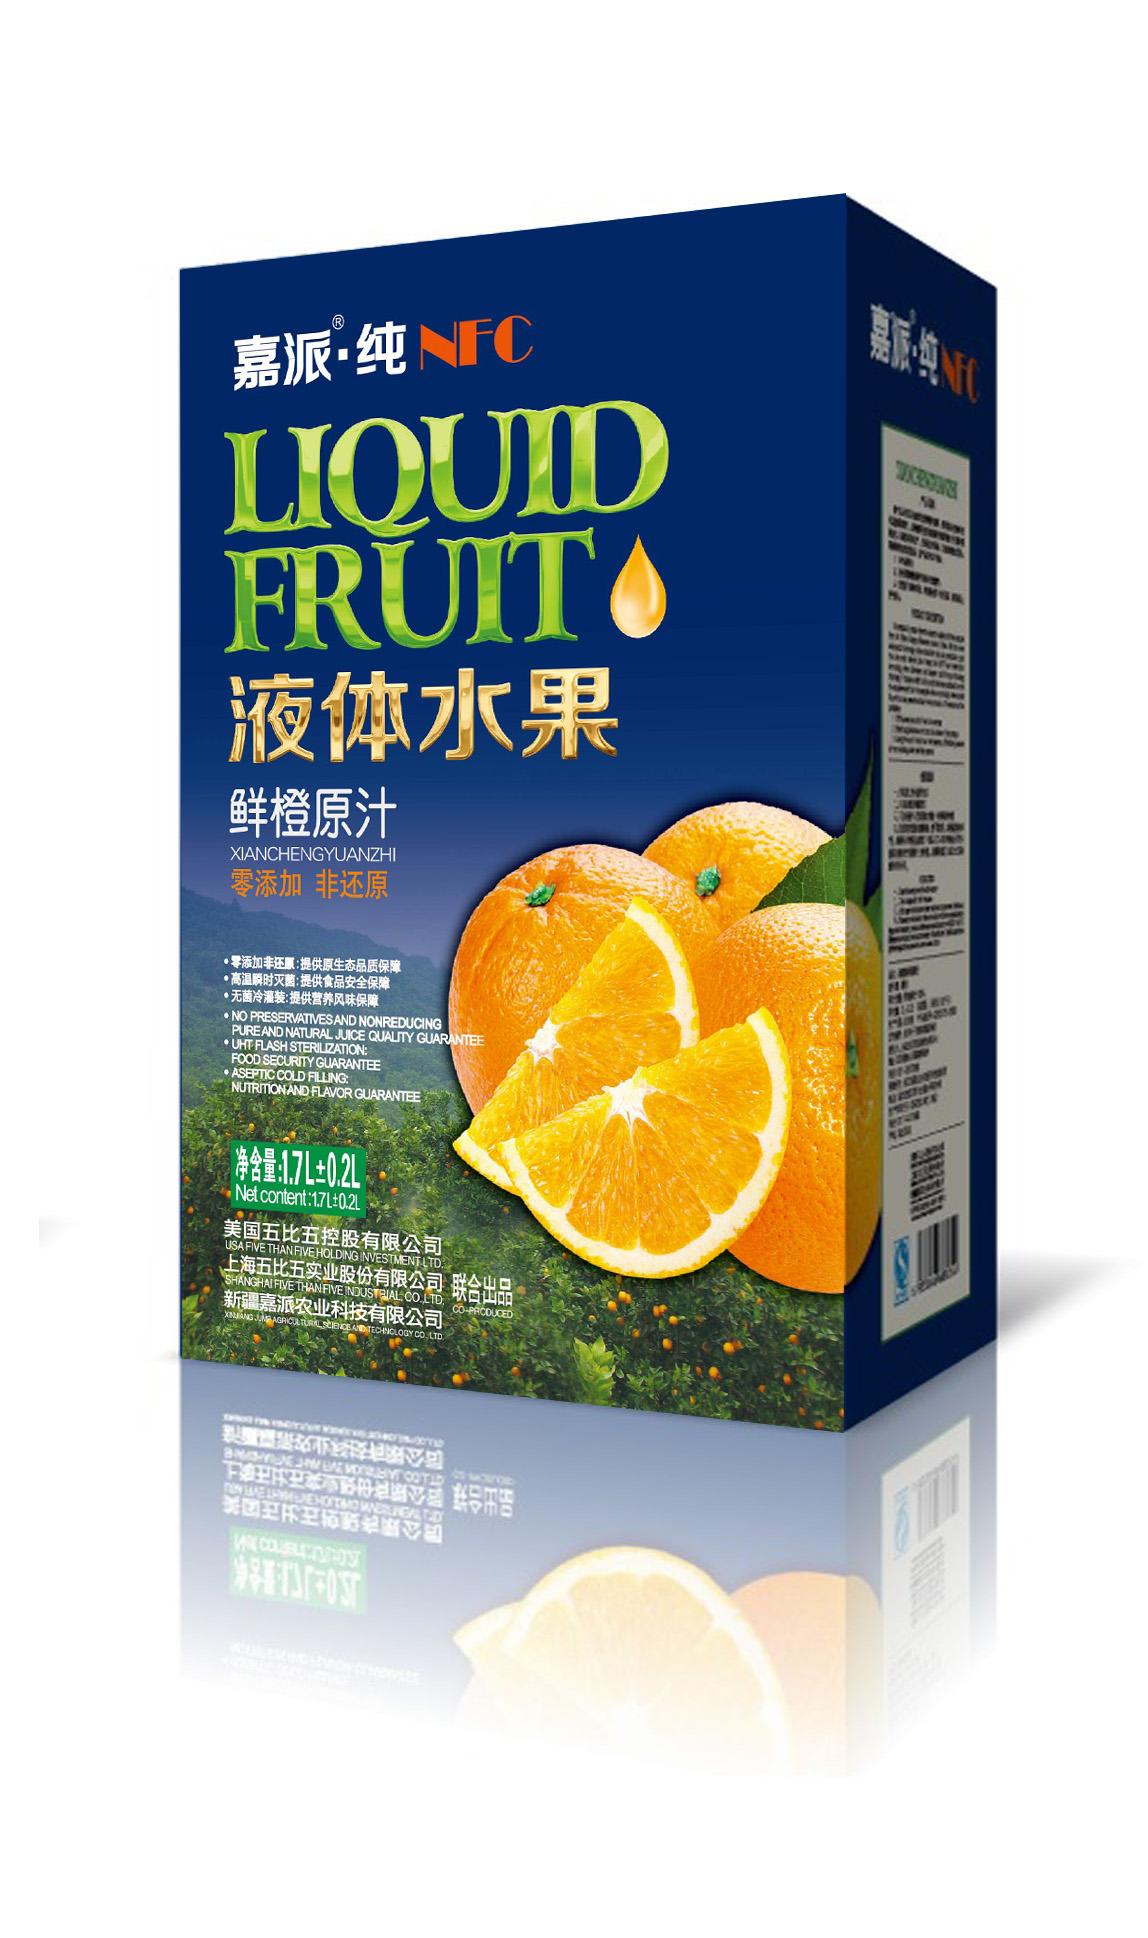 嘉派NFC果汁,给您健康便捷生活!